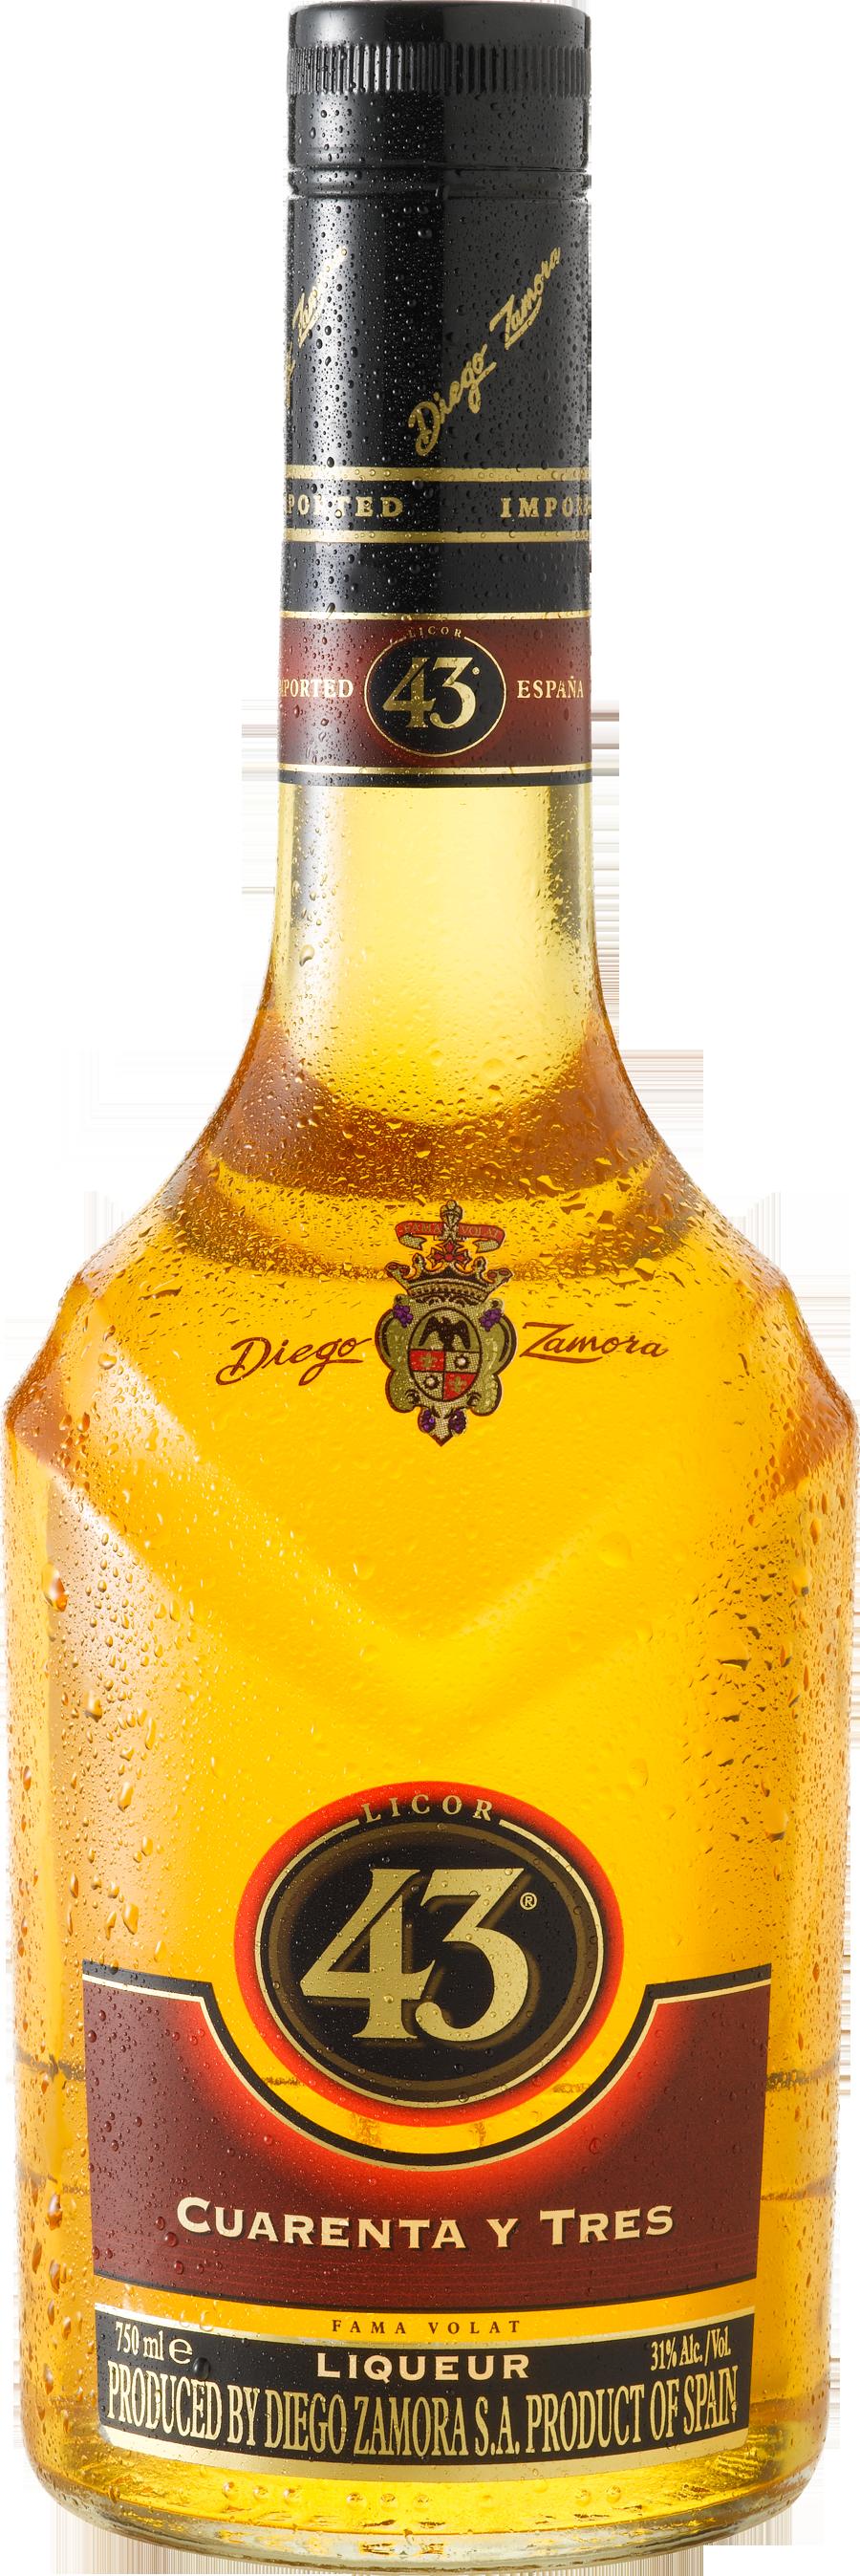 Liquor bottle png. Images free download liqueur